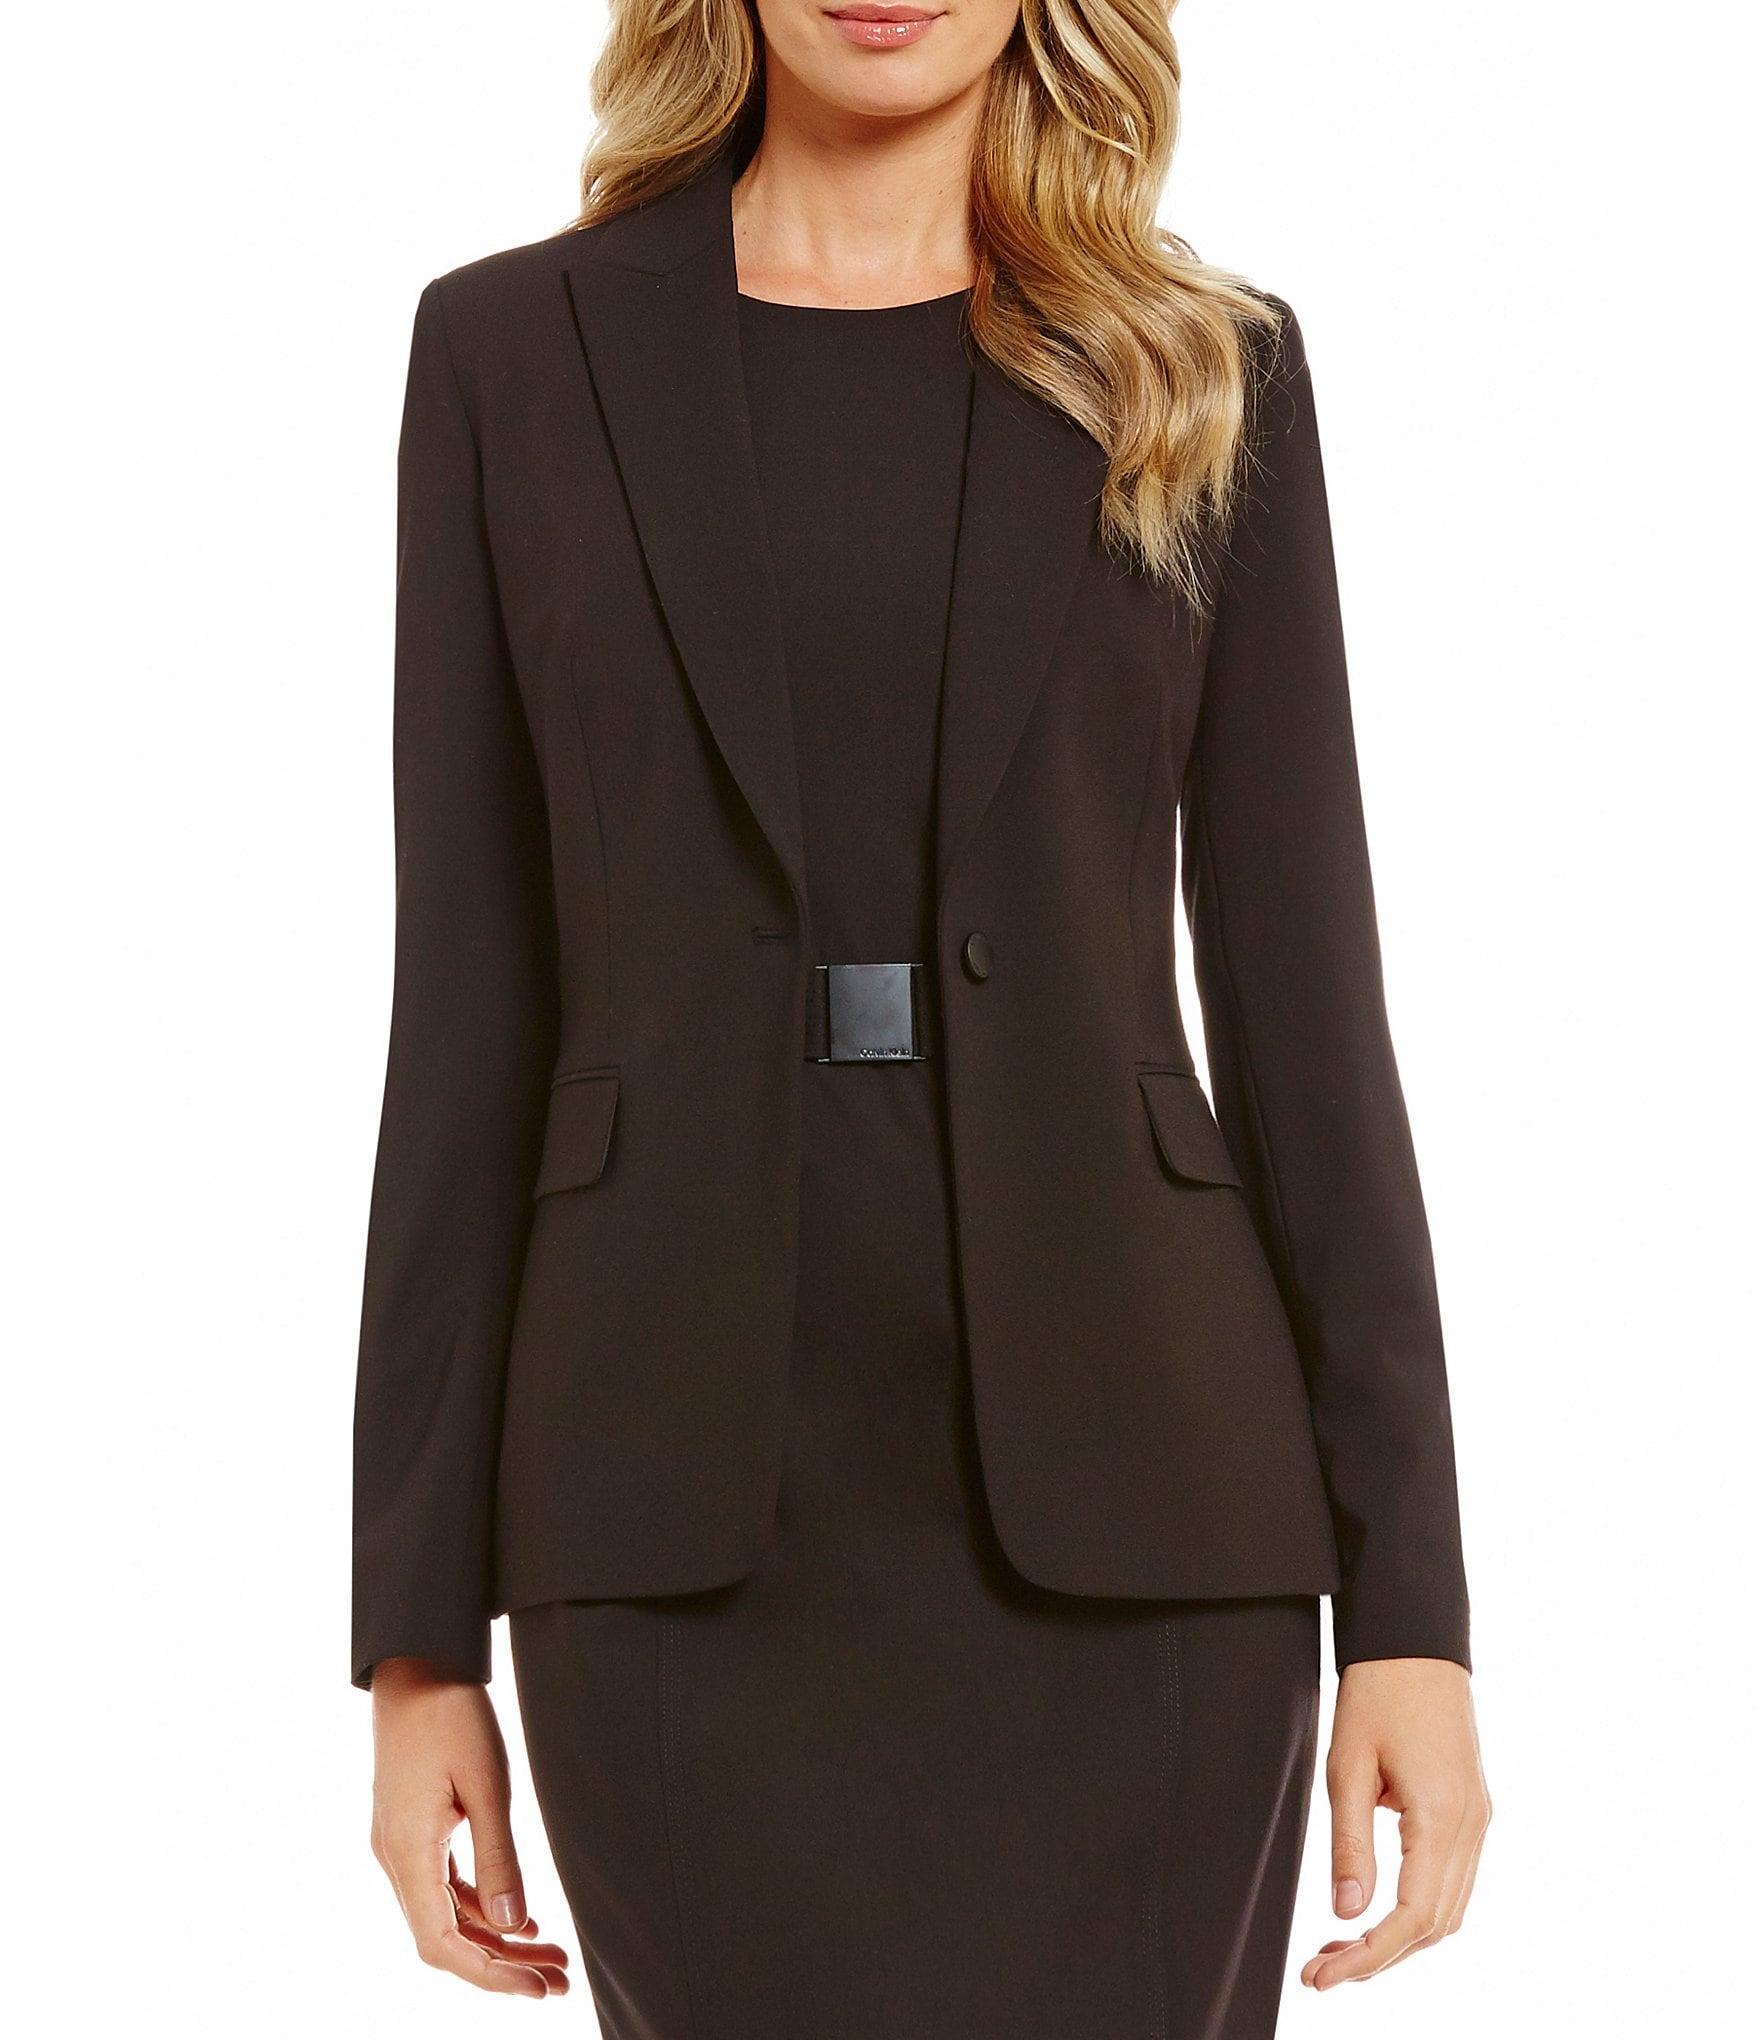 Calvin Klein Women\'s Workwear, Suits & Office Attire | Dillards